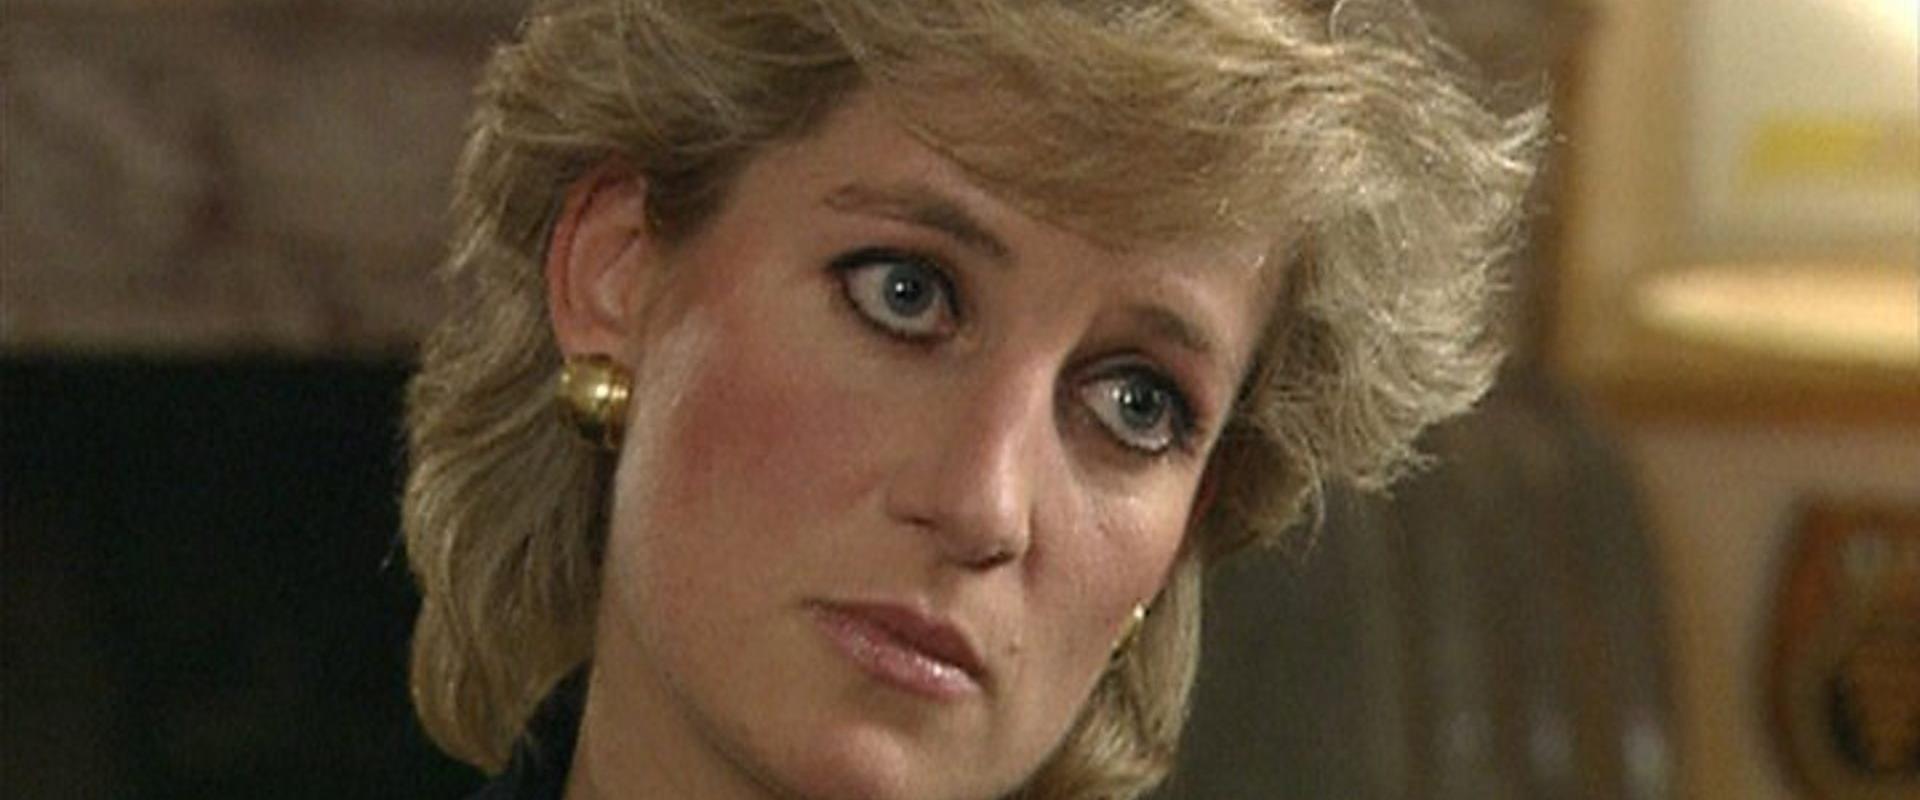 מתוך הריאיון שהעניקה הנסיכה דיאנה ל-BBC ב-1995